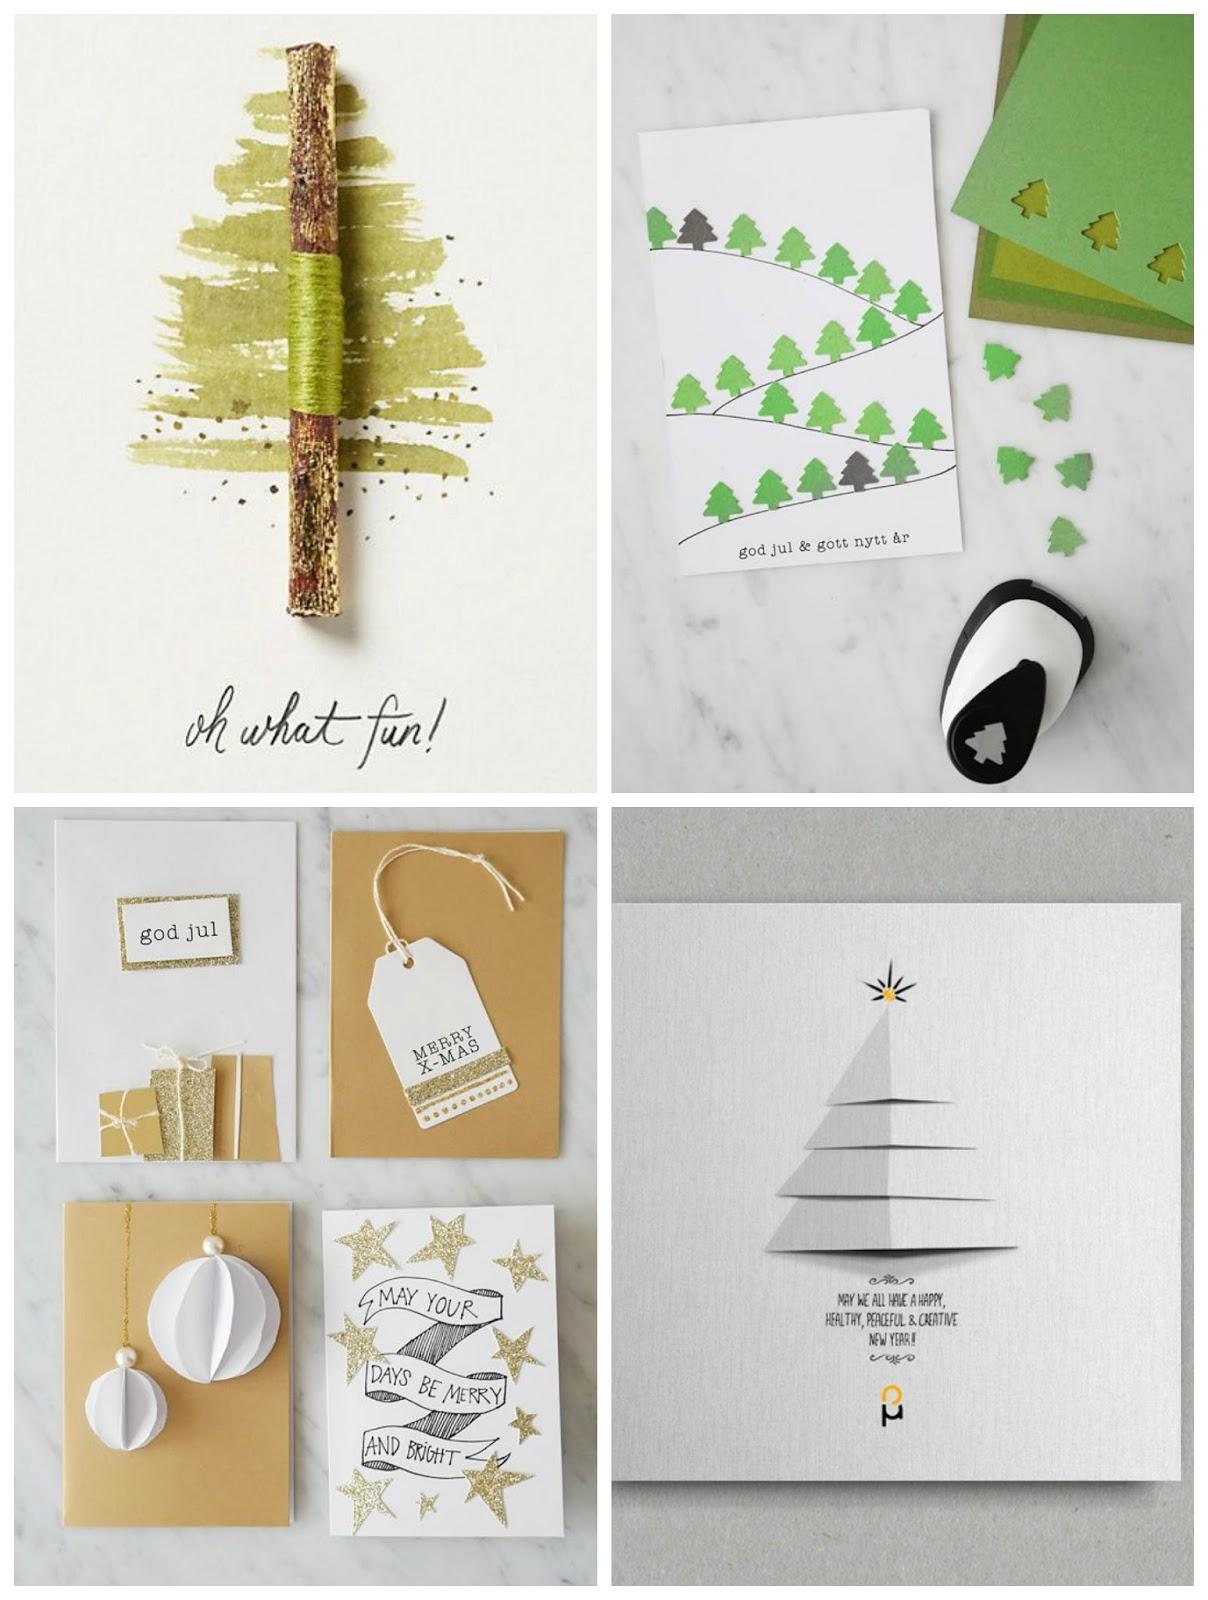 Robienie kartek na Święta Bożego Narodzenia